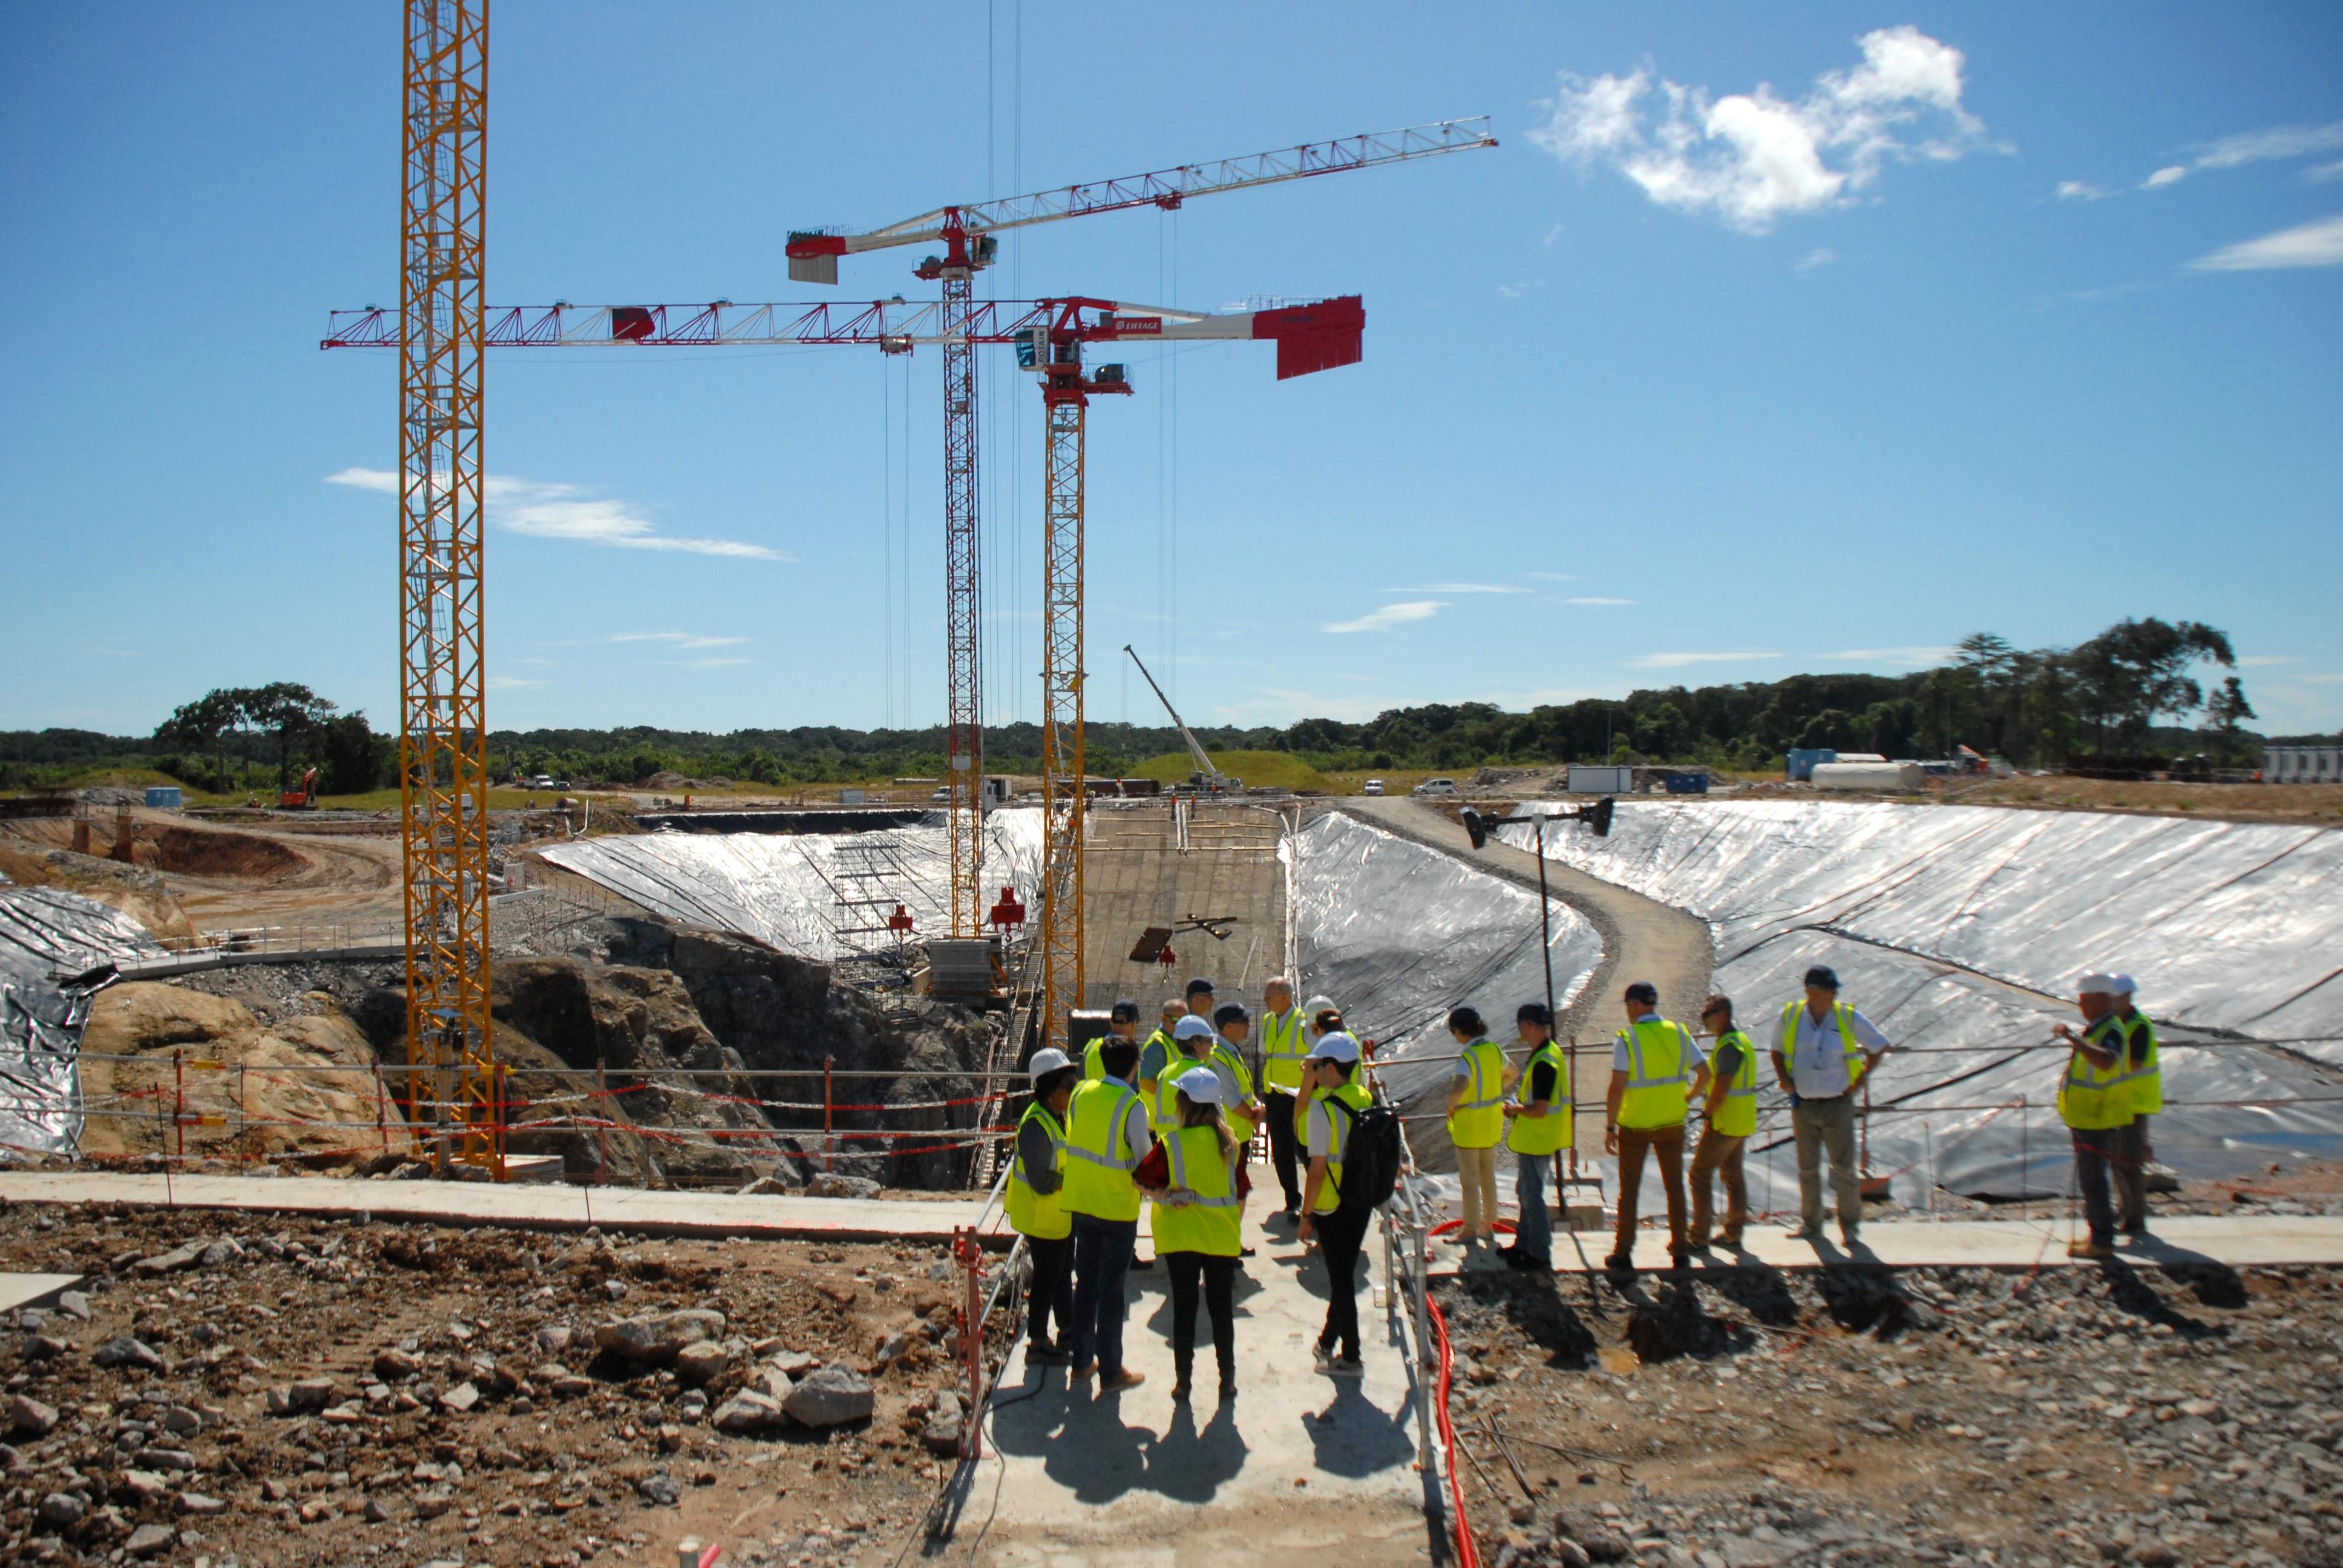 Le chantiers ELA-4 du pas de tir de Kourou, emblématique des capacités de réalisation intégrées d'Eiffage, au service de l'excellence spatiale européenne (Photo Camille Gévaudan, Creative Commons)